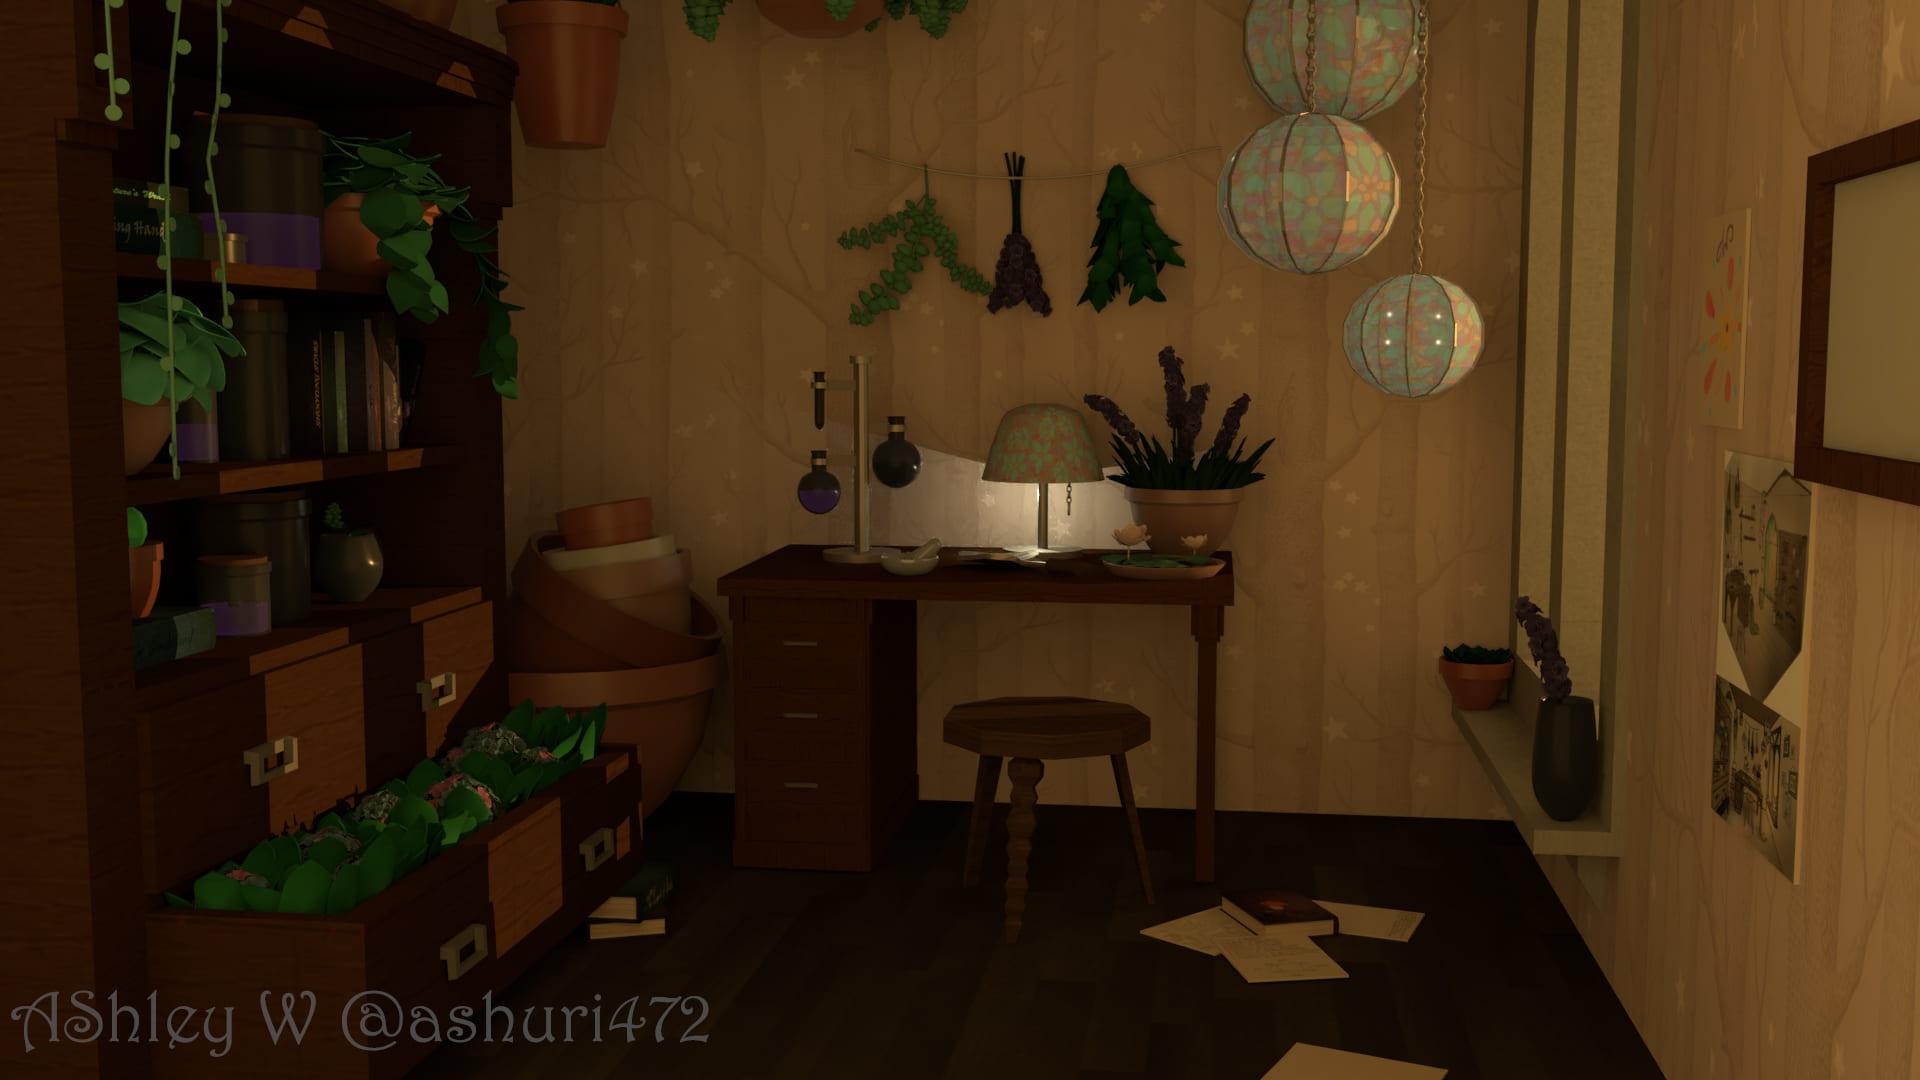 Ashley 4 showcase image